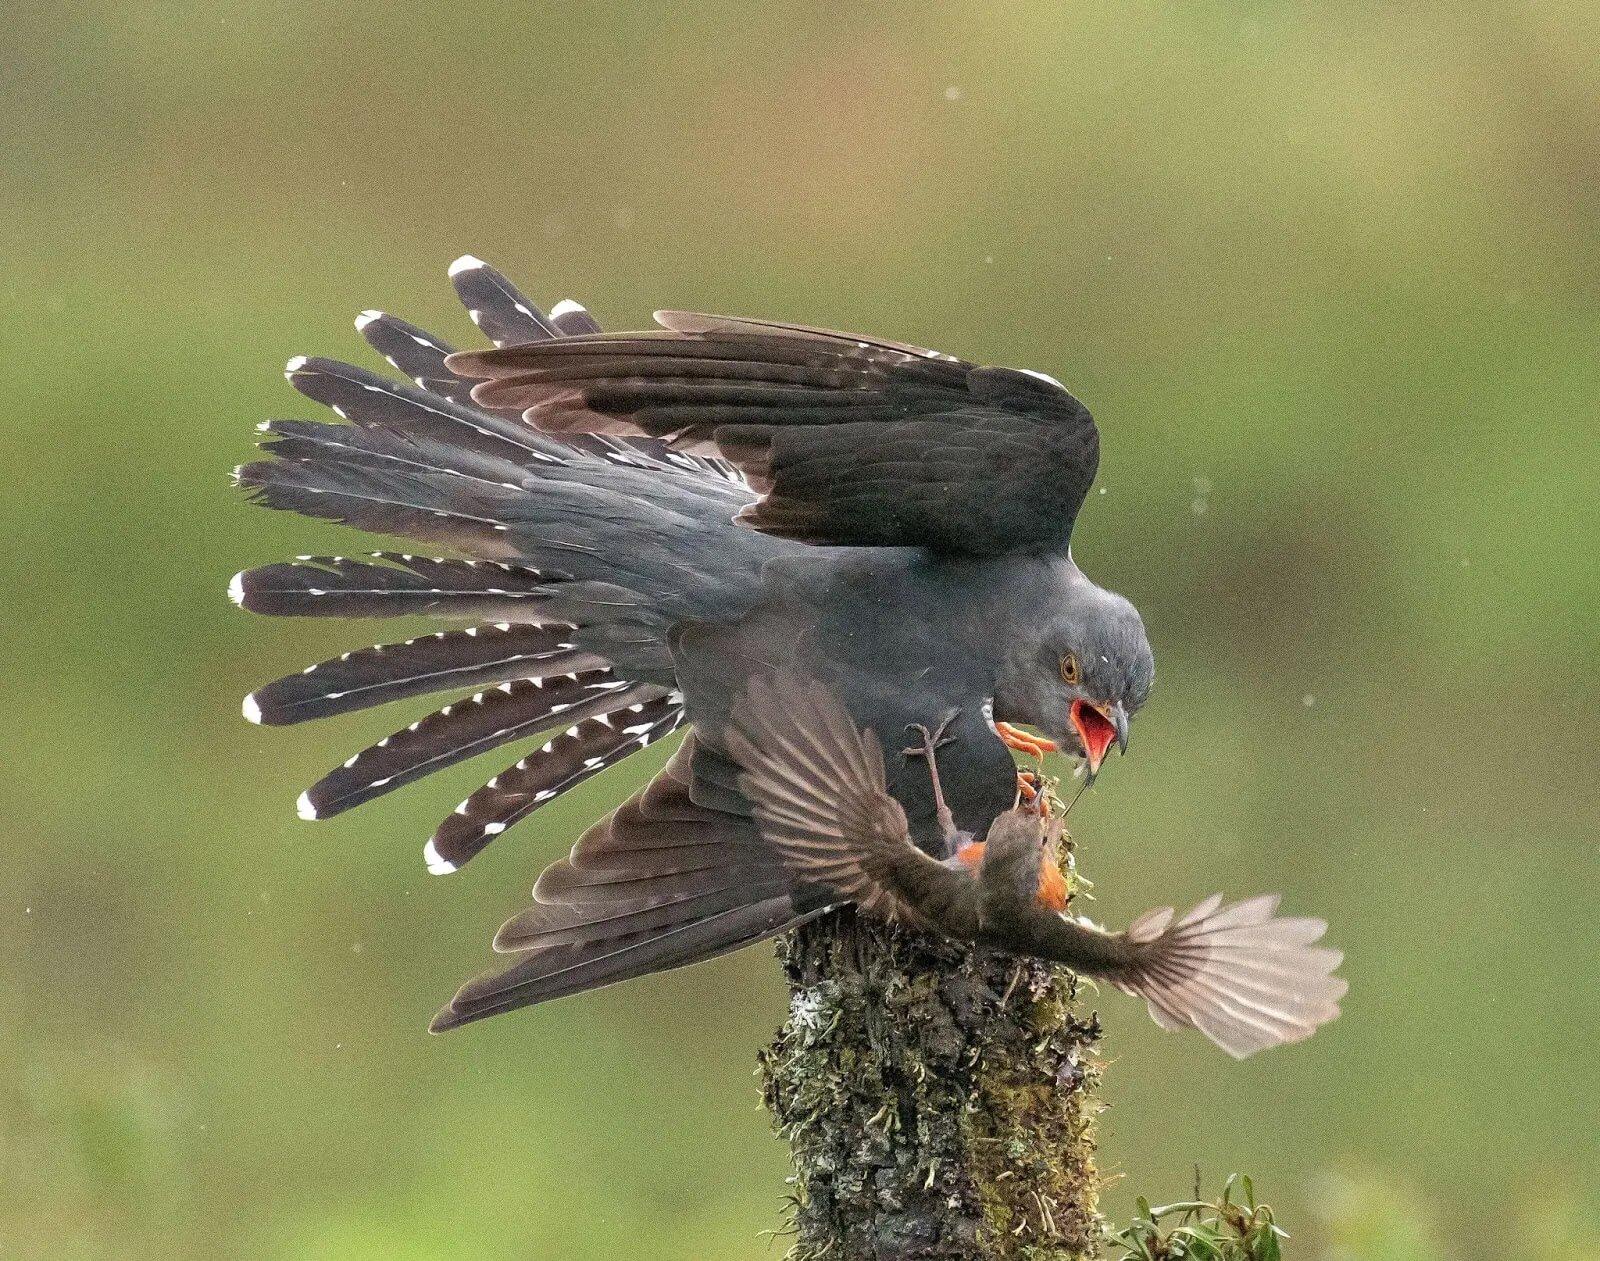 Chim hoét cổ đỏ quyết chiến kịch liệt với chim Cu gấp đôi kích thước để bảo vệ con non